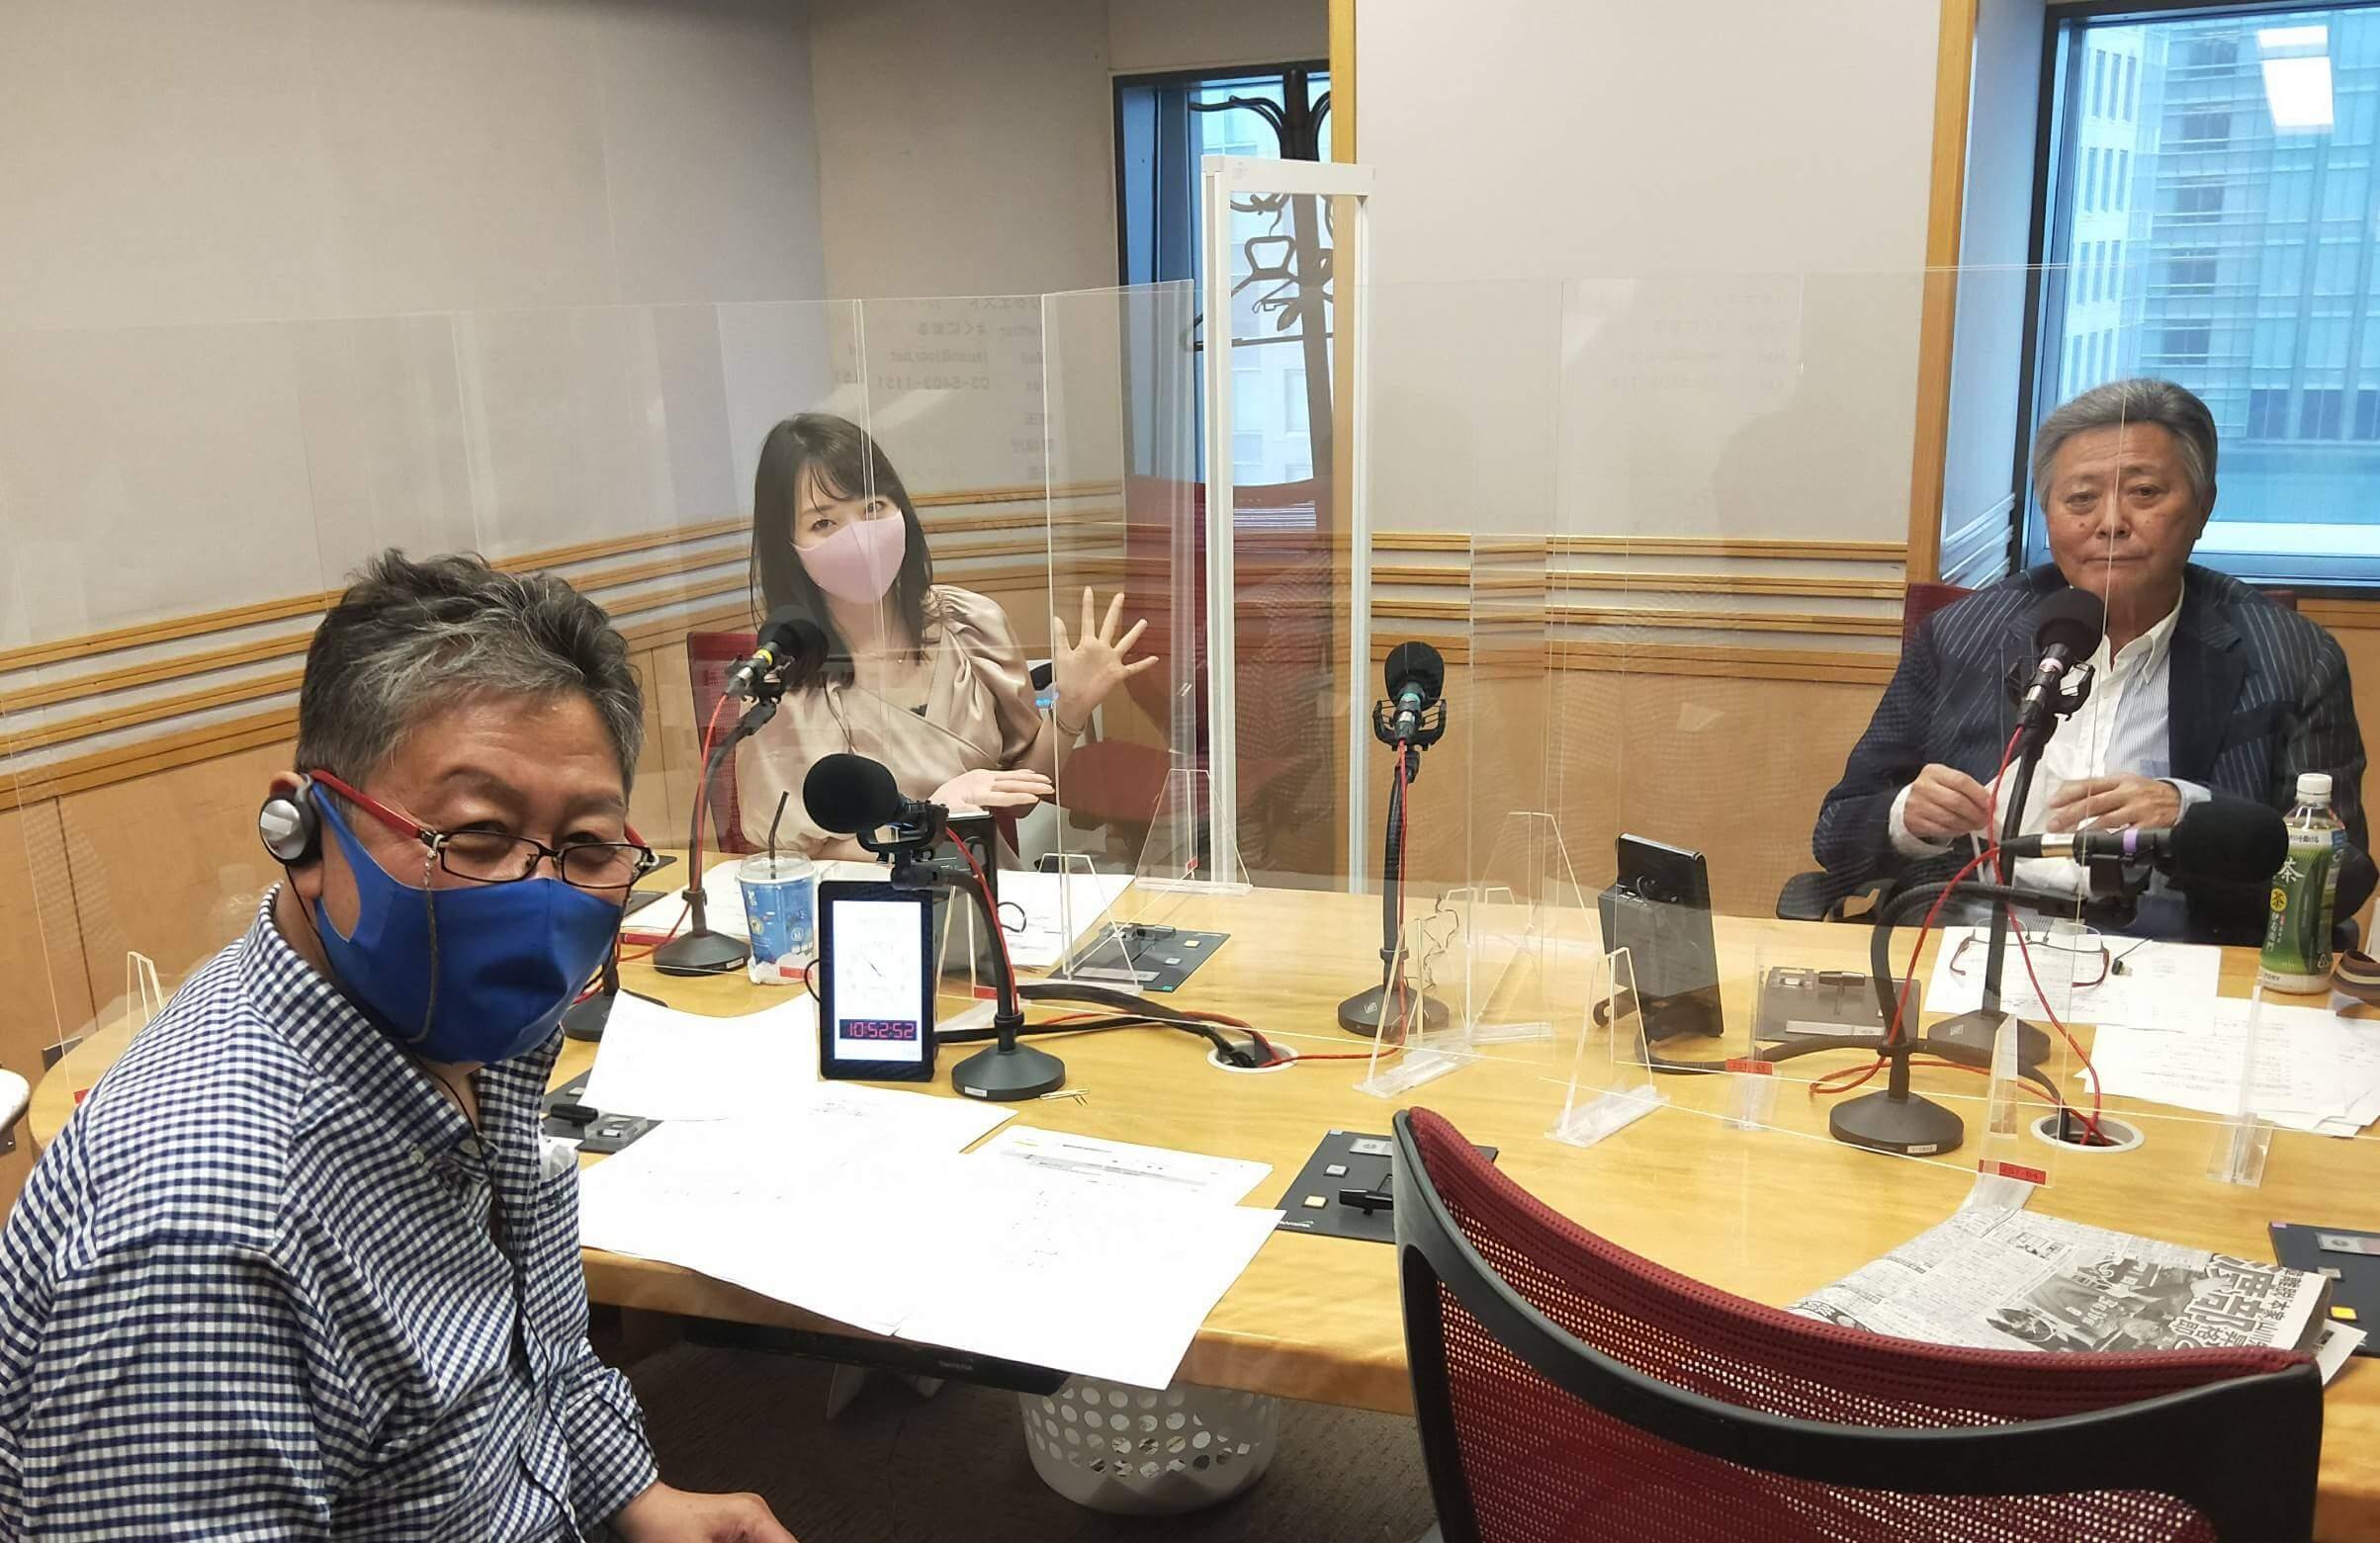 『くにまるジャパン極・極シアター』4月5日(月)のお客様:小倉智昭さん